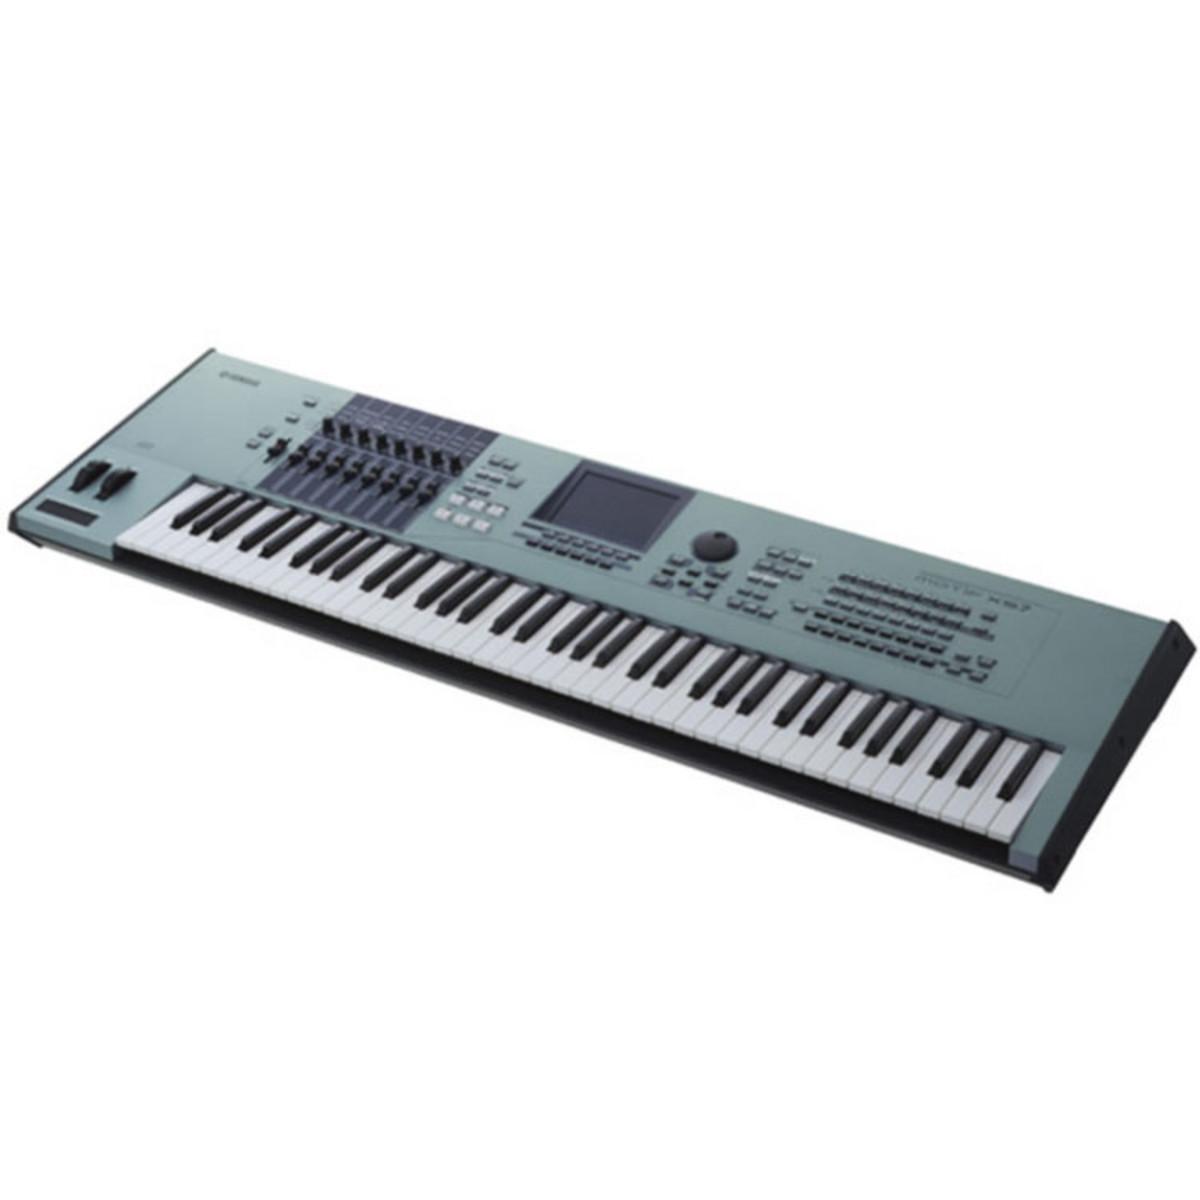 Discontinued yamaha motif xs7 keyboard workstation at for Yamaha motif keyboard